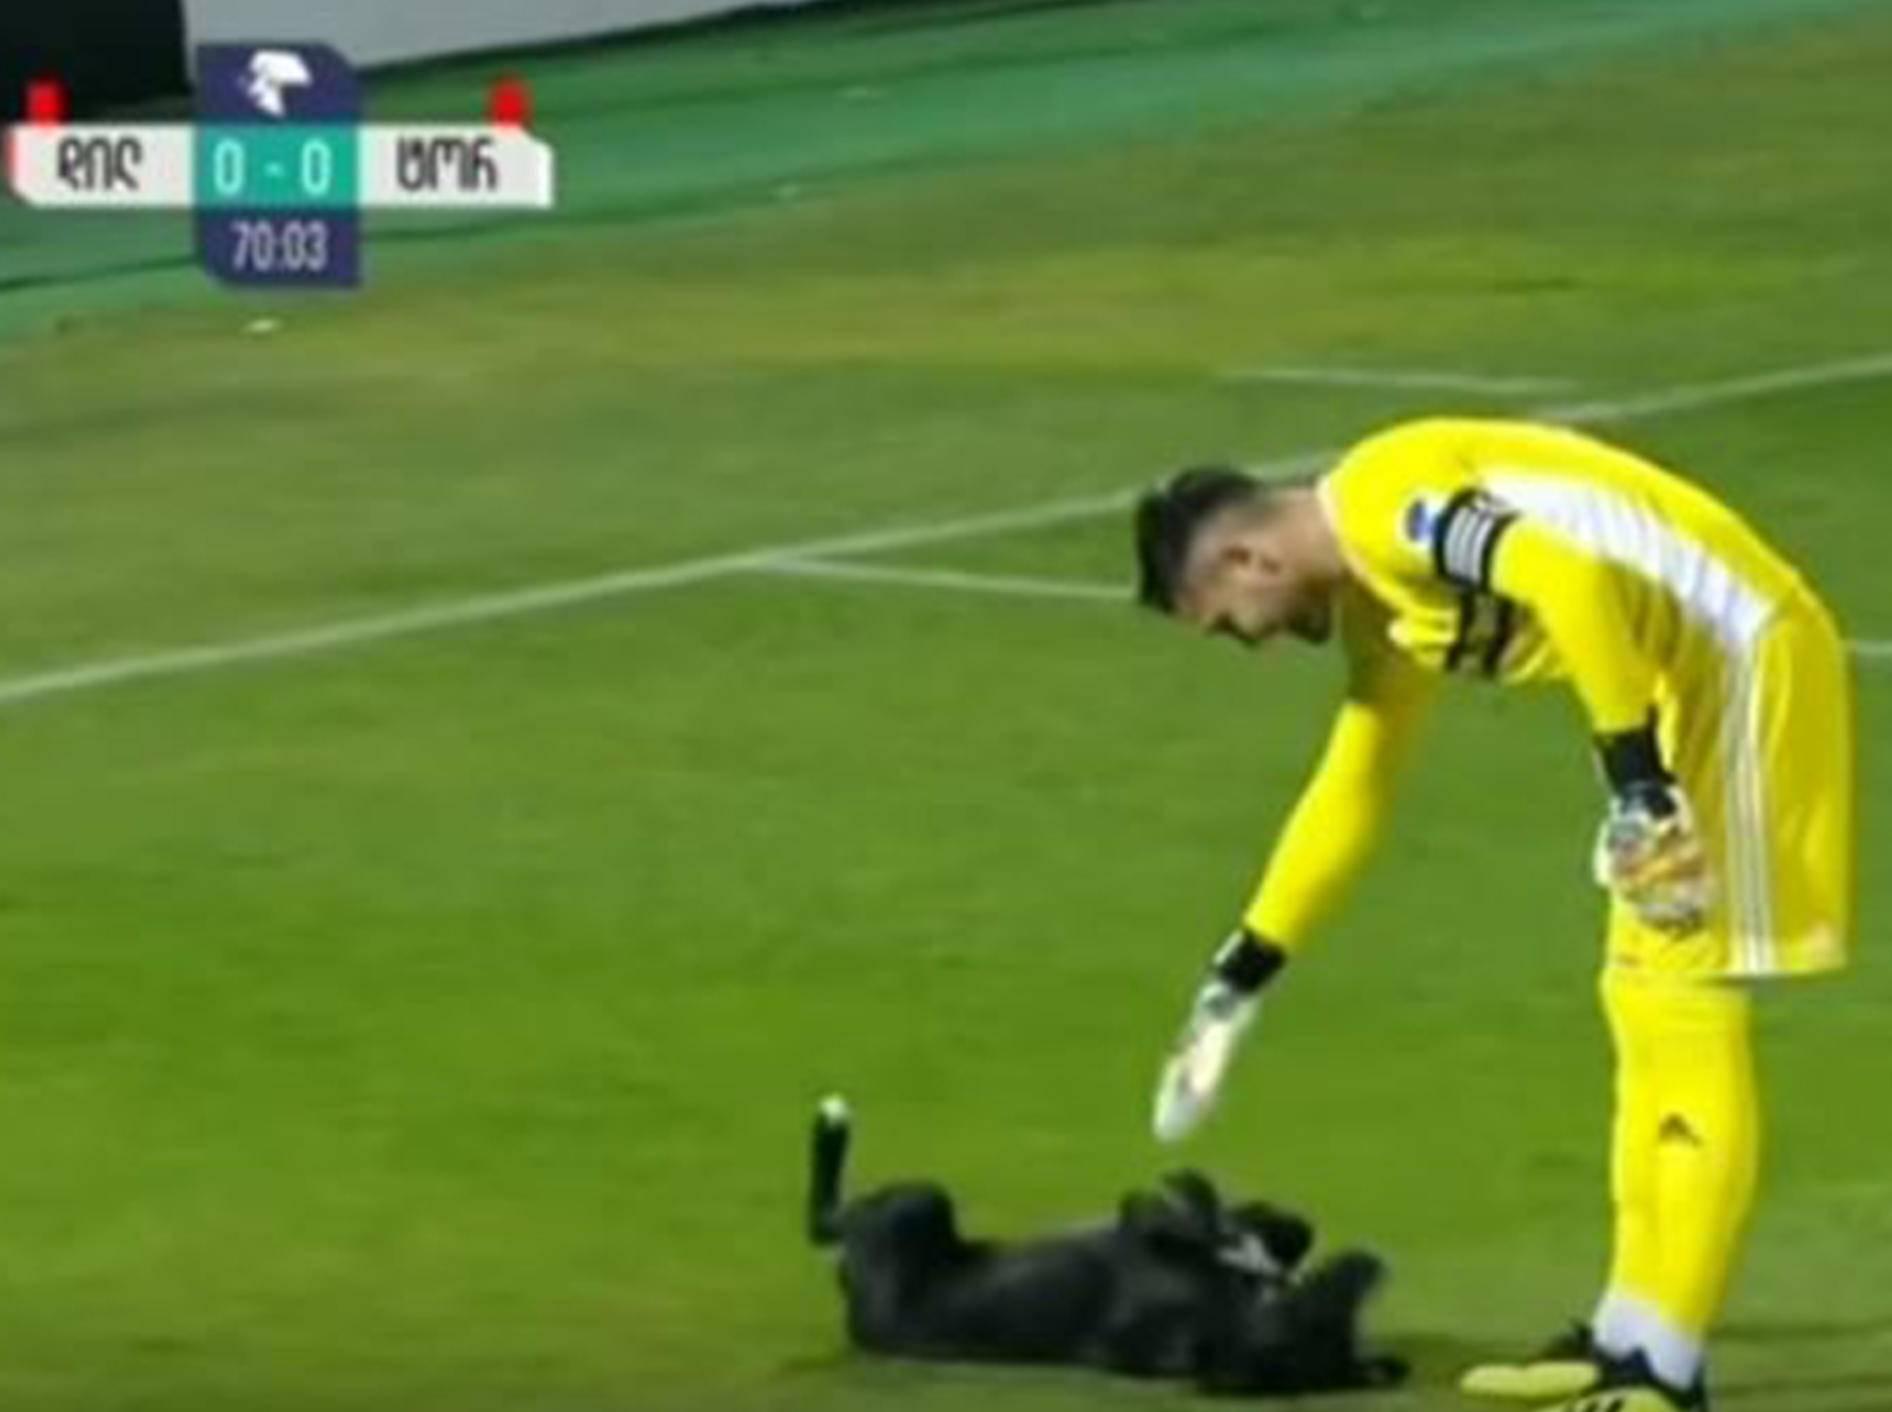 Ein Hund sorgte bei einem Fußballspiel in Georgien für eine Extrapause - Bild: YouTube / ODN